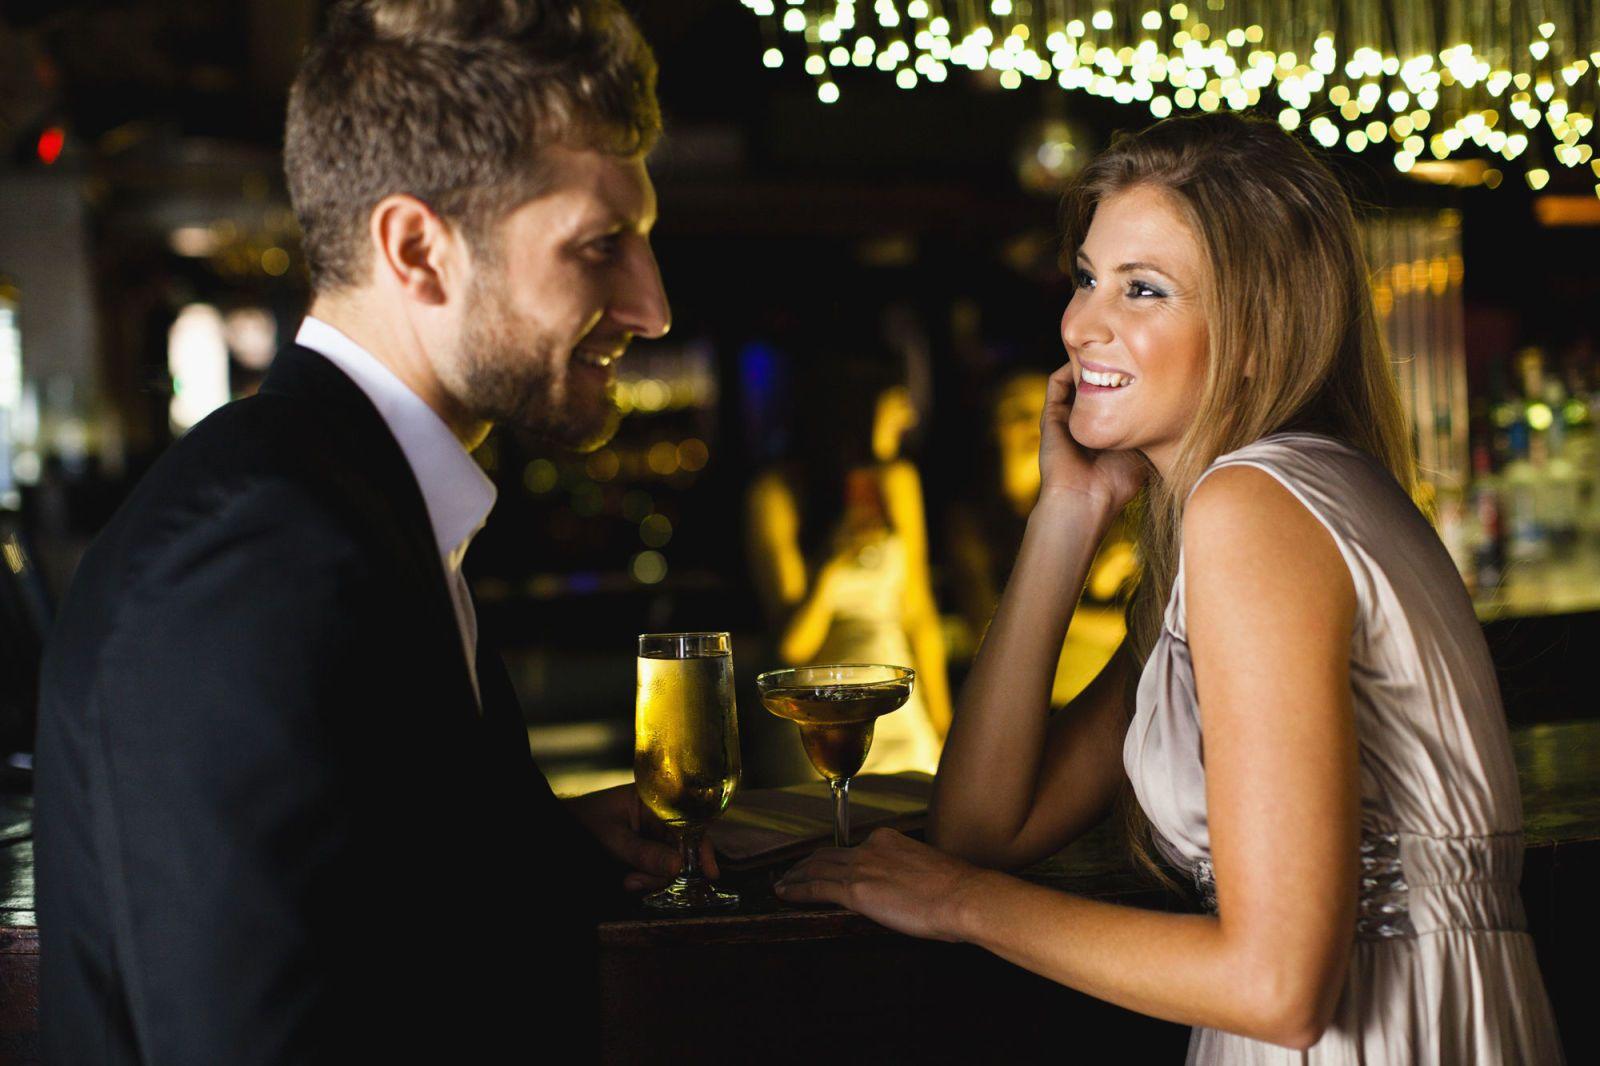 come attrarre un uomo incontri milano gratis